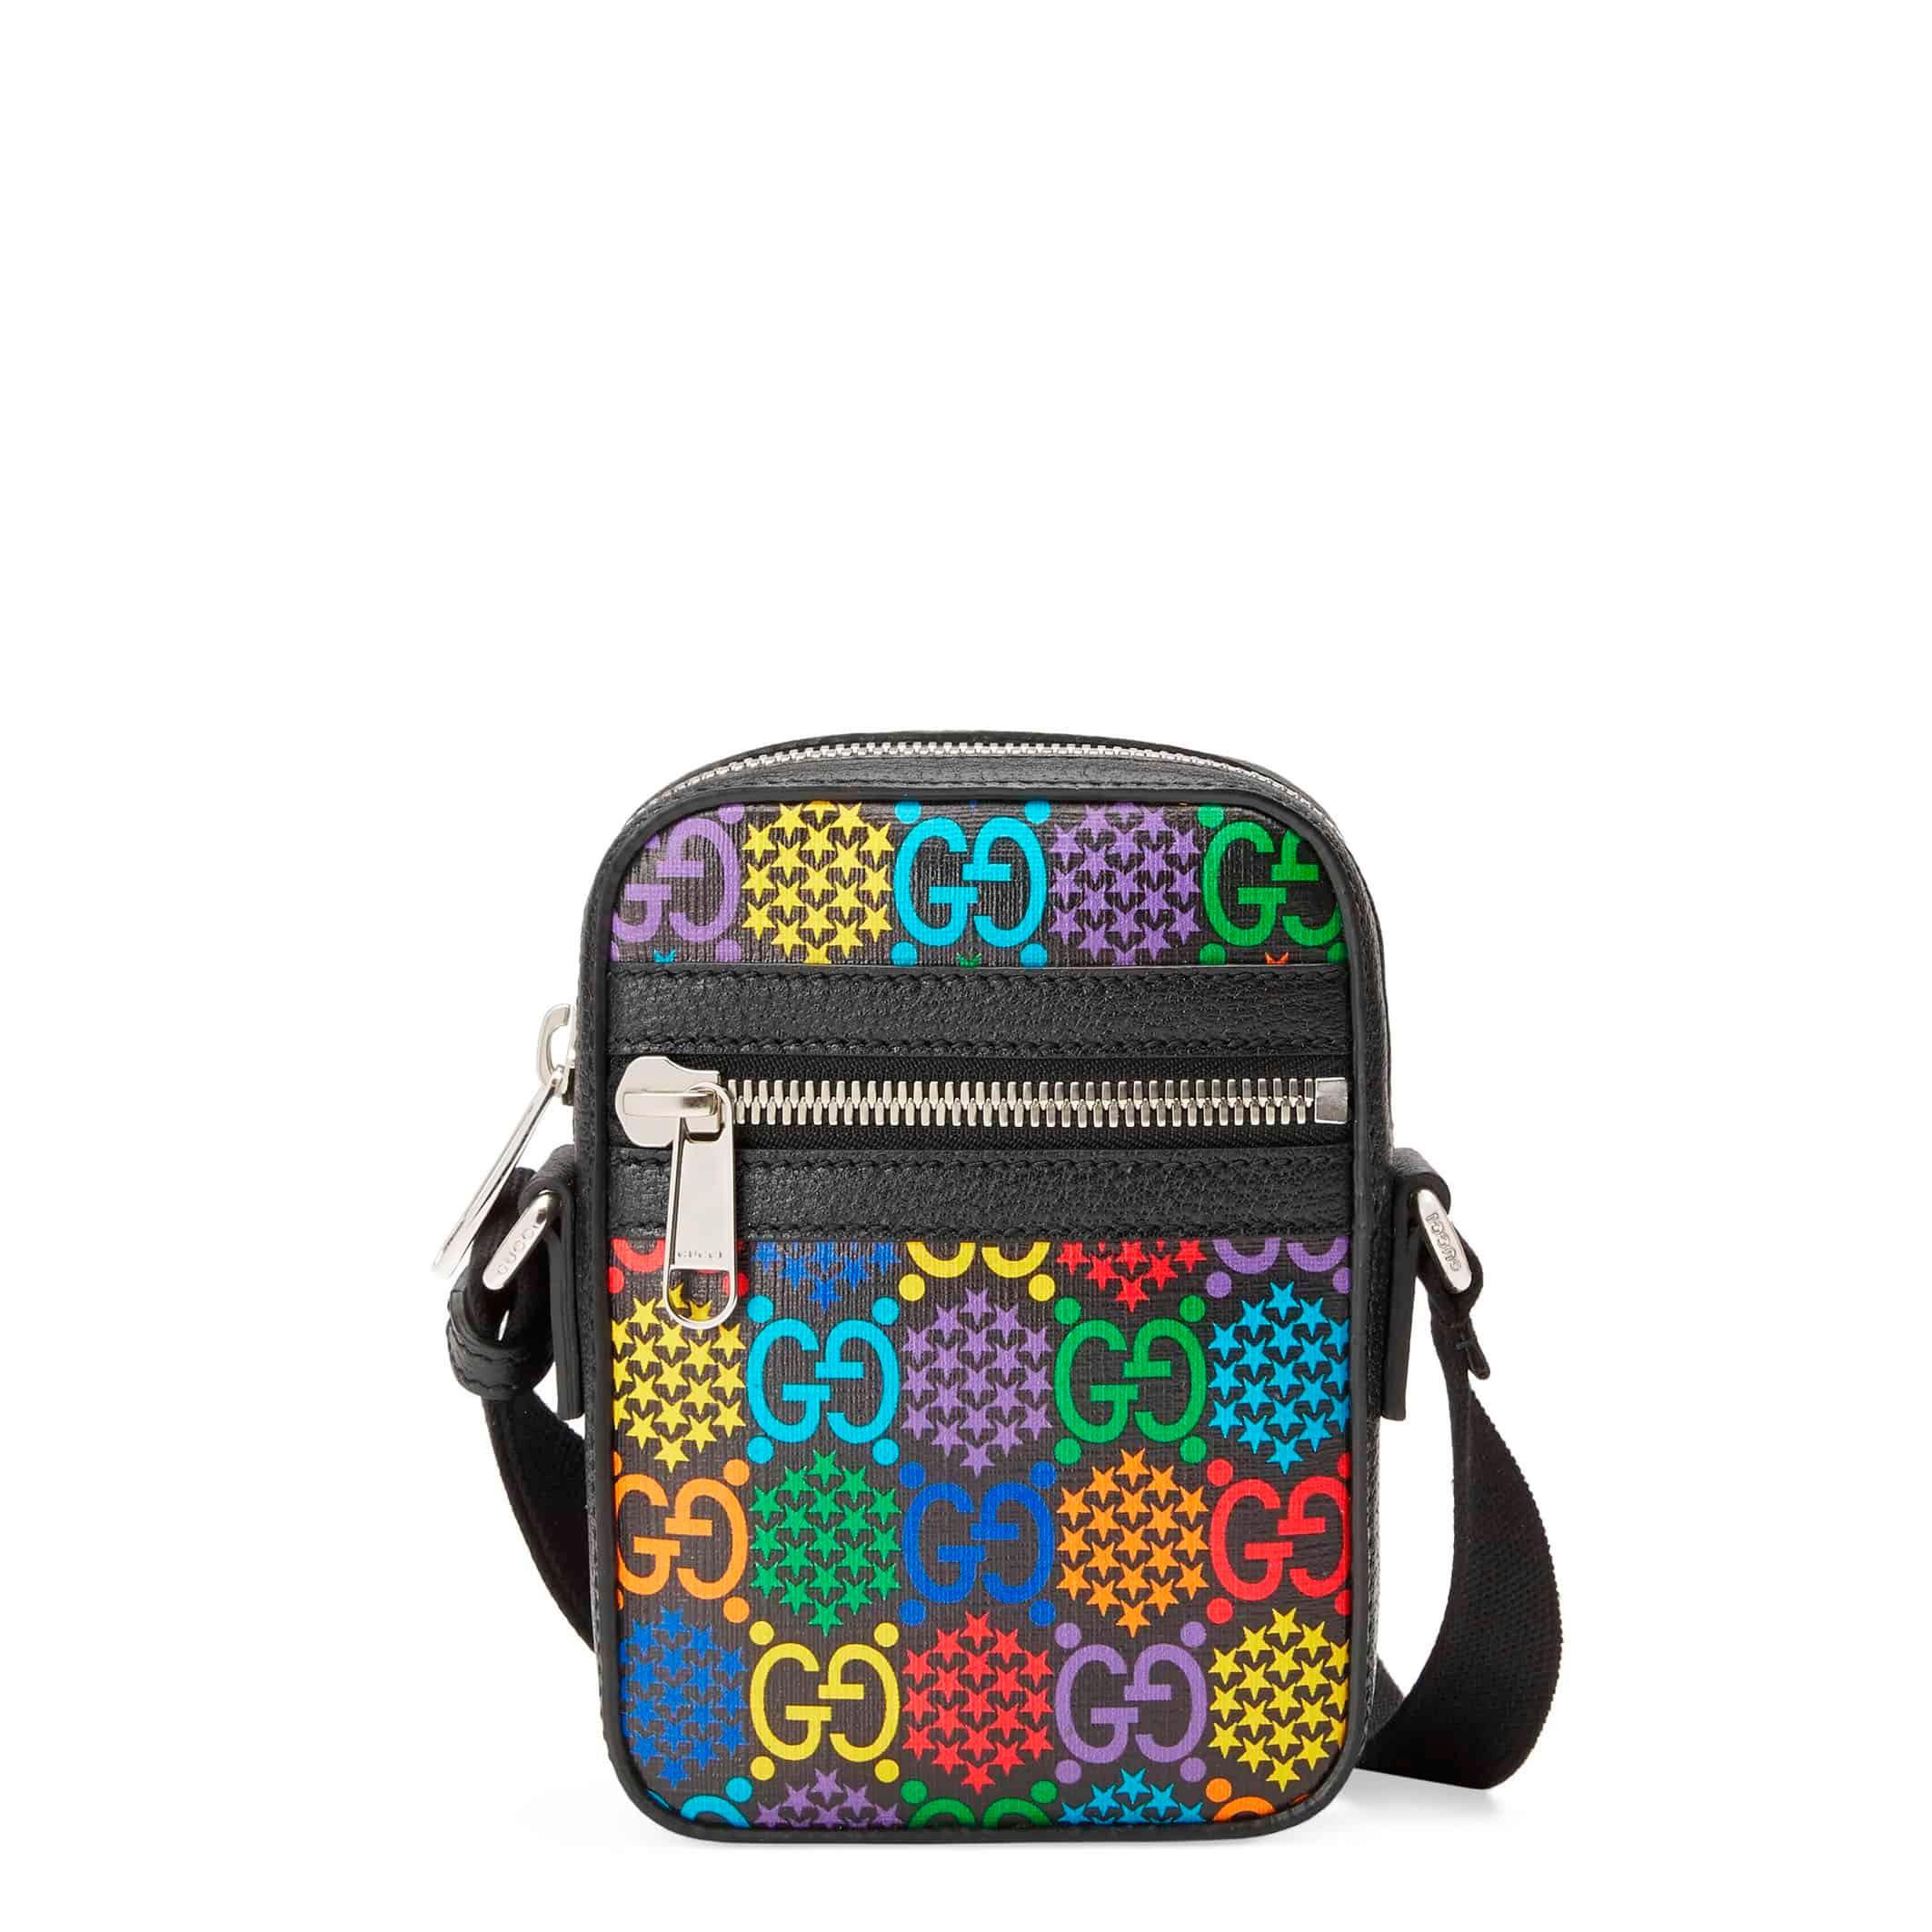 Gucci – 598103_H20AN – Zwart Designeritems.nl